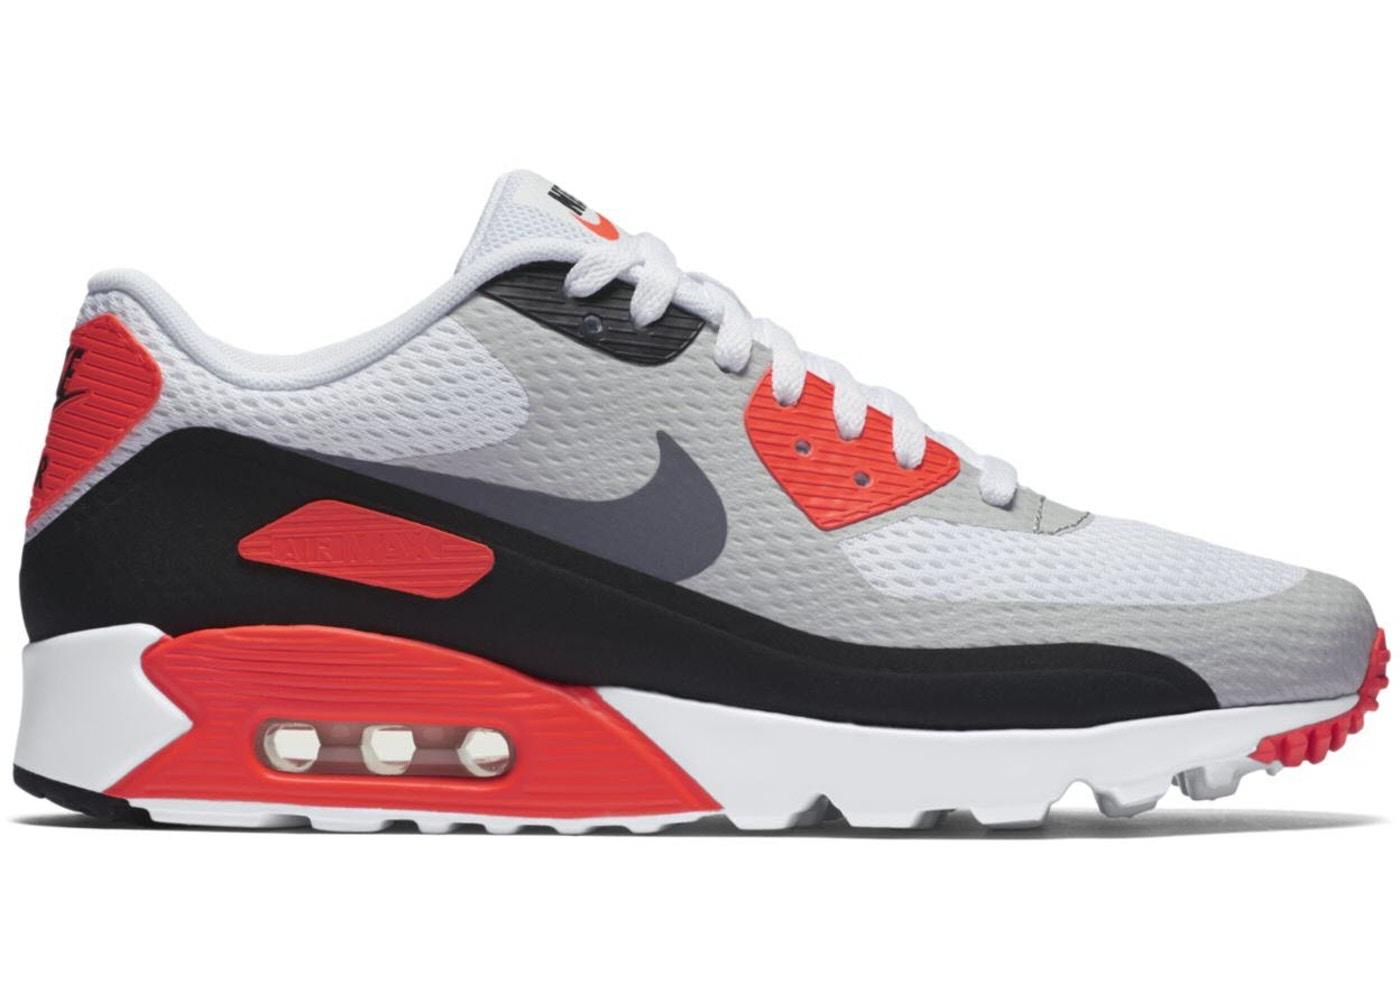 Nike NIKE air max ultra sneakers men